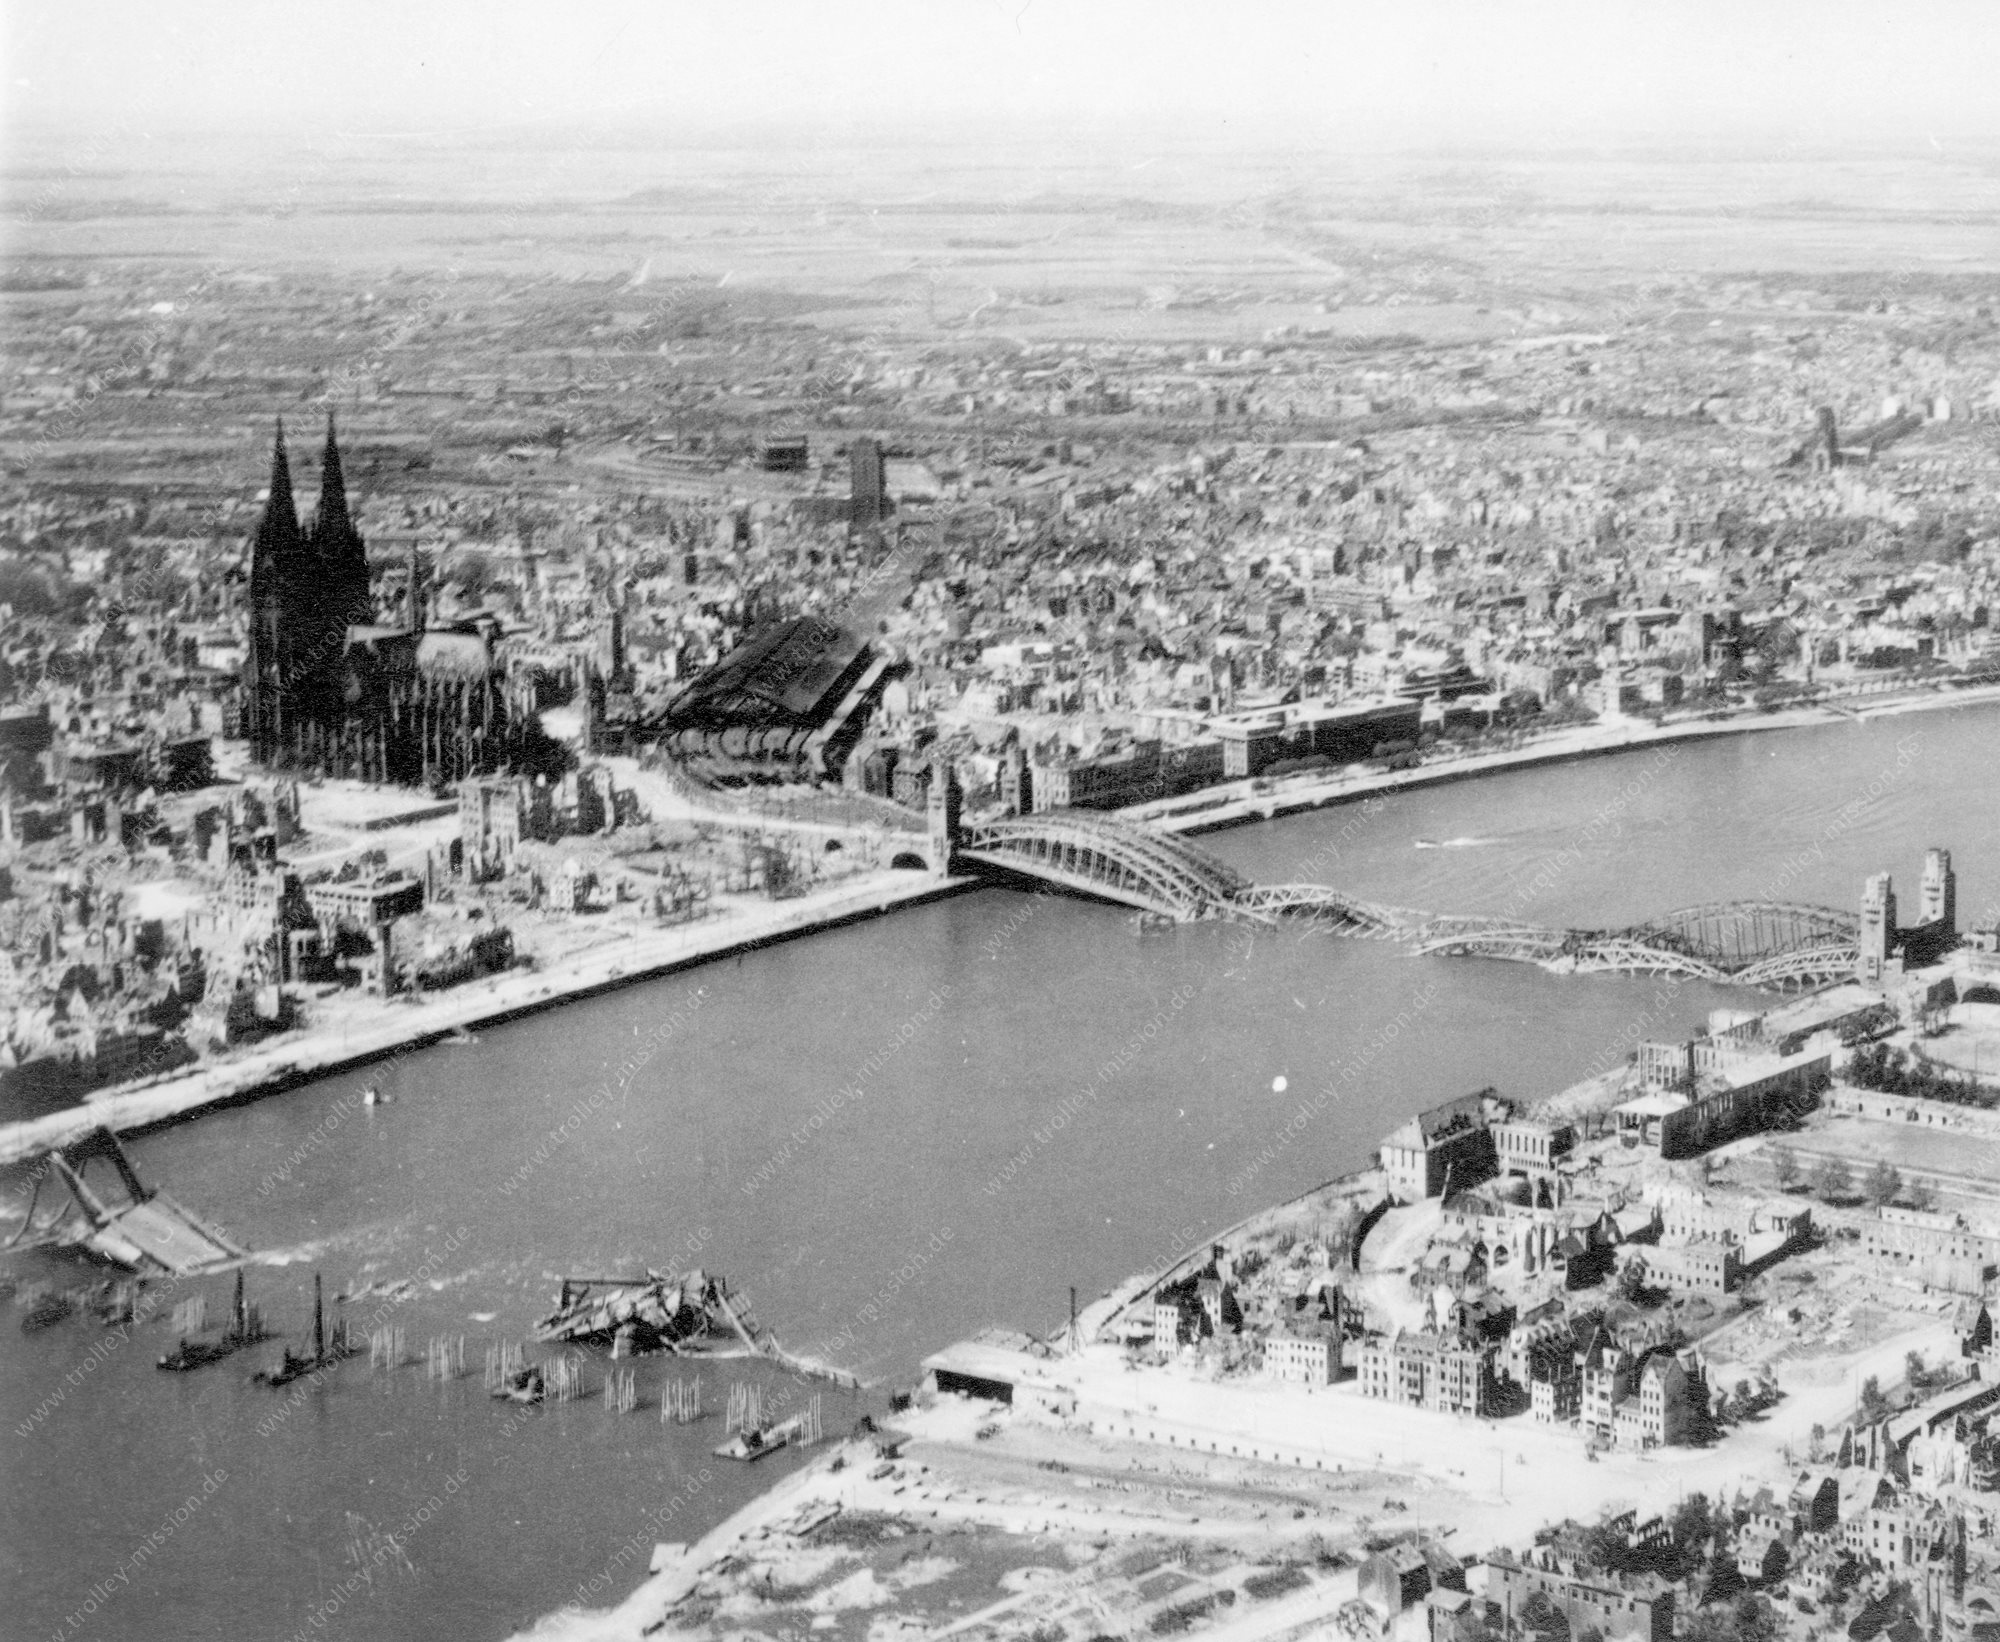 Köln Luftbild der Deutzer Hängebrücke und Hohenzollernbrücke im Zweiten Weltkrieg